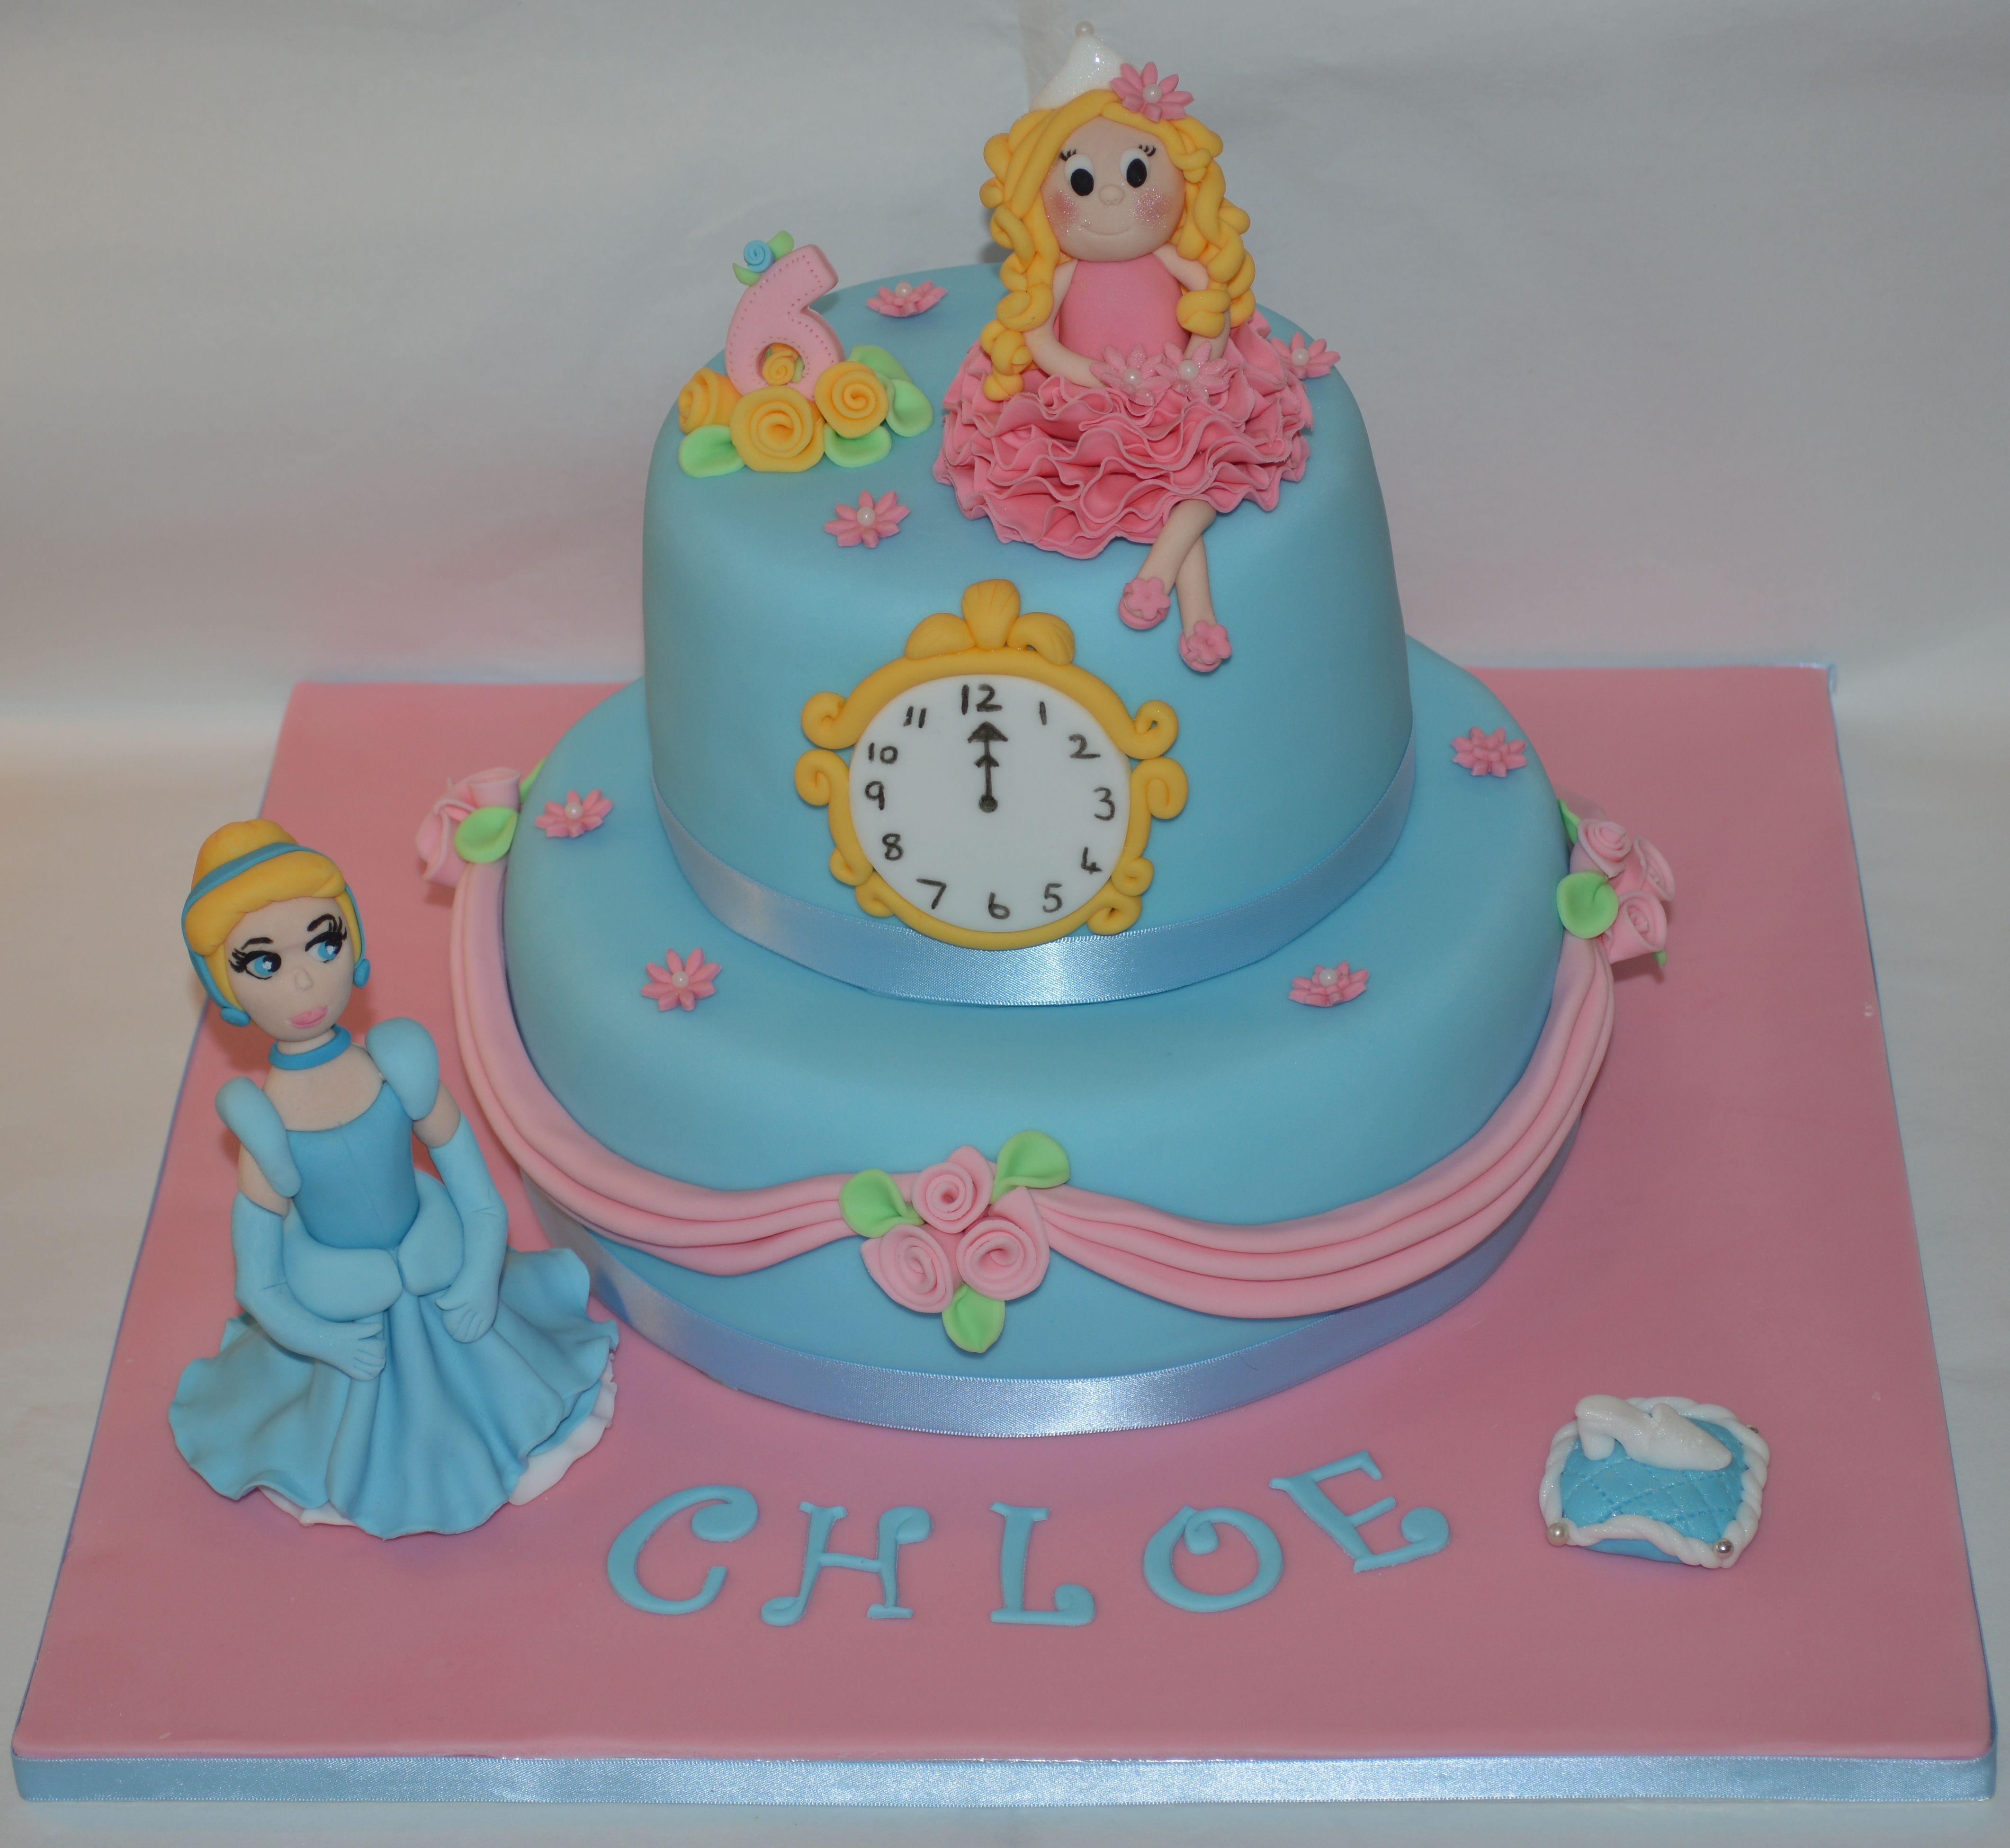 Cinderella Carriage Centerpiece Cake Ideas And Designs